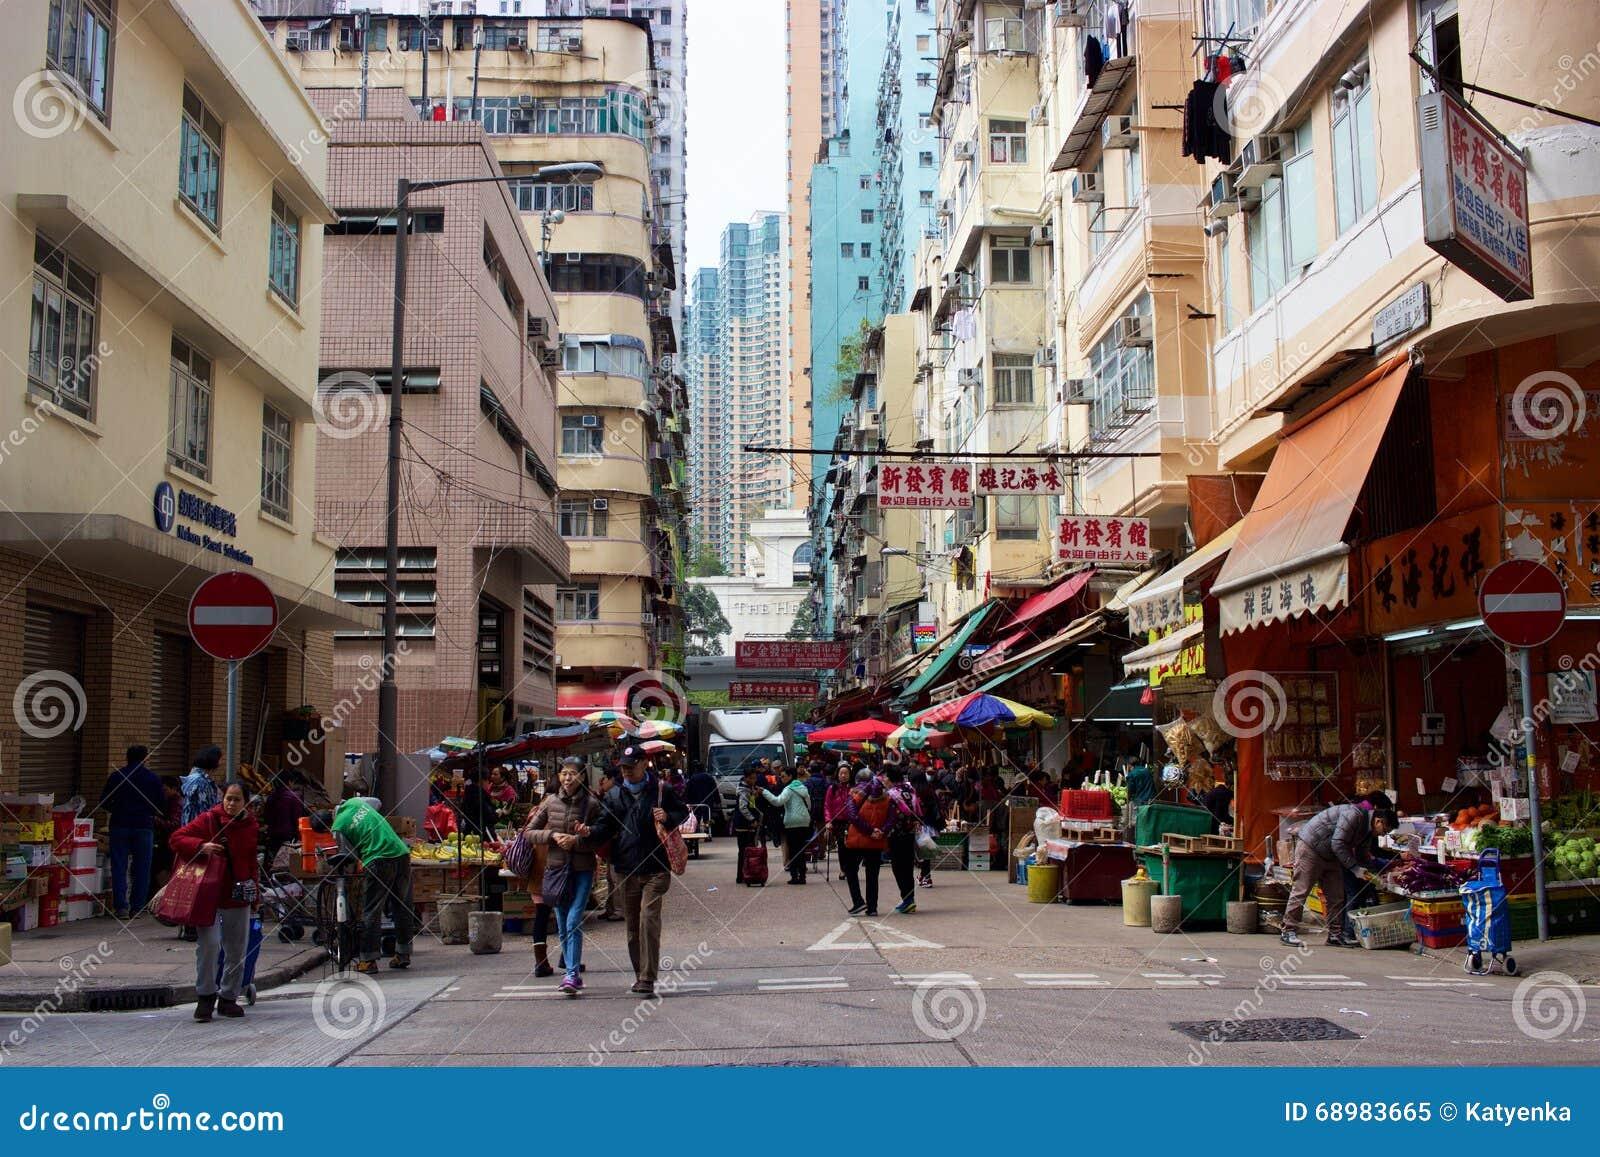 Escena de la calle en Hong Kong: rascacielos, gente, mercado, señalización